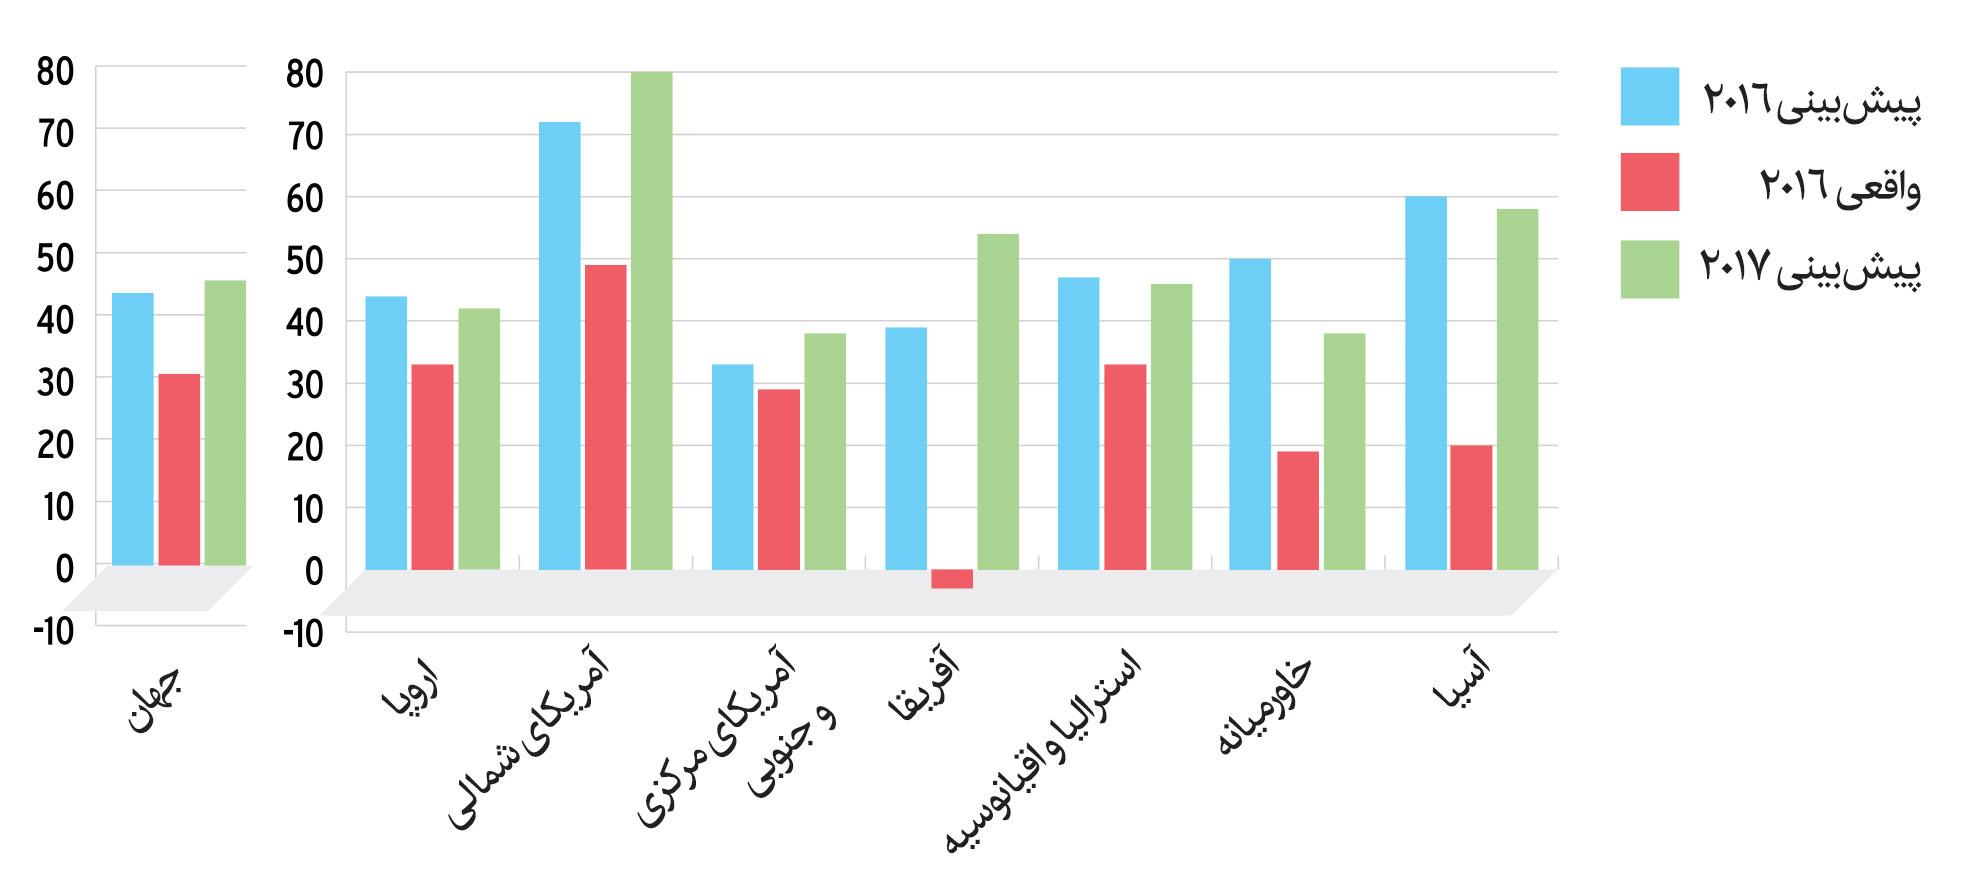 وضعیت اقتصادی چاپخانه های جهان در سال 2017